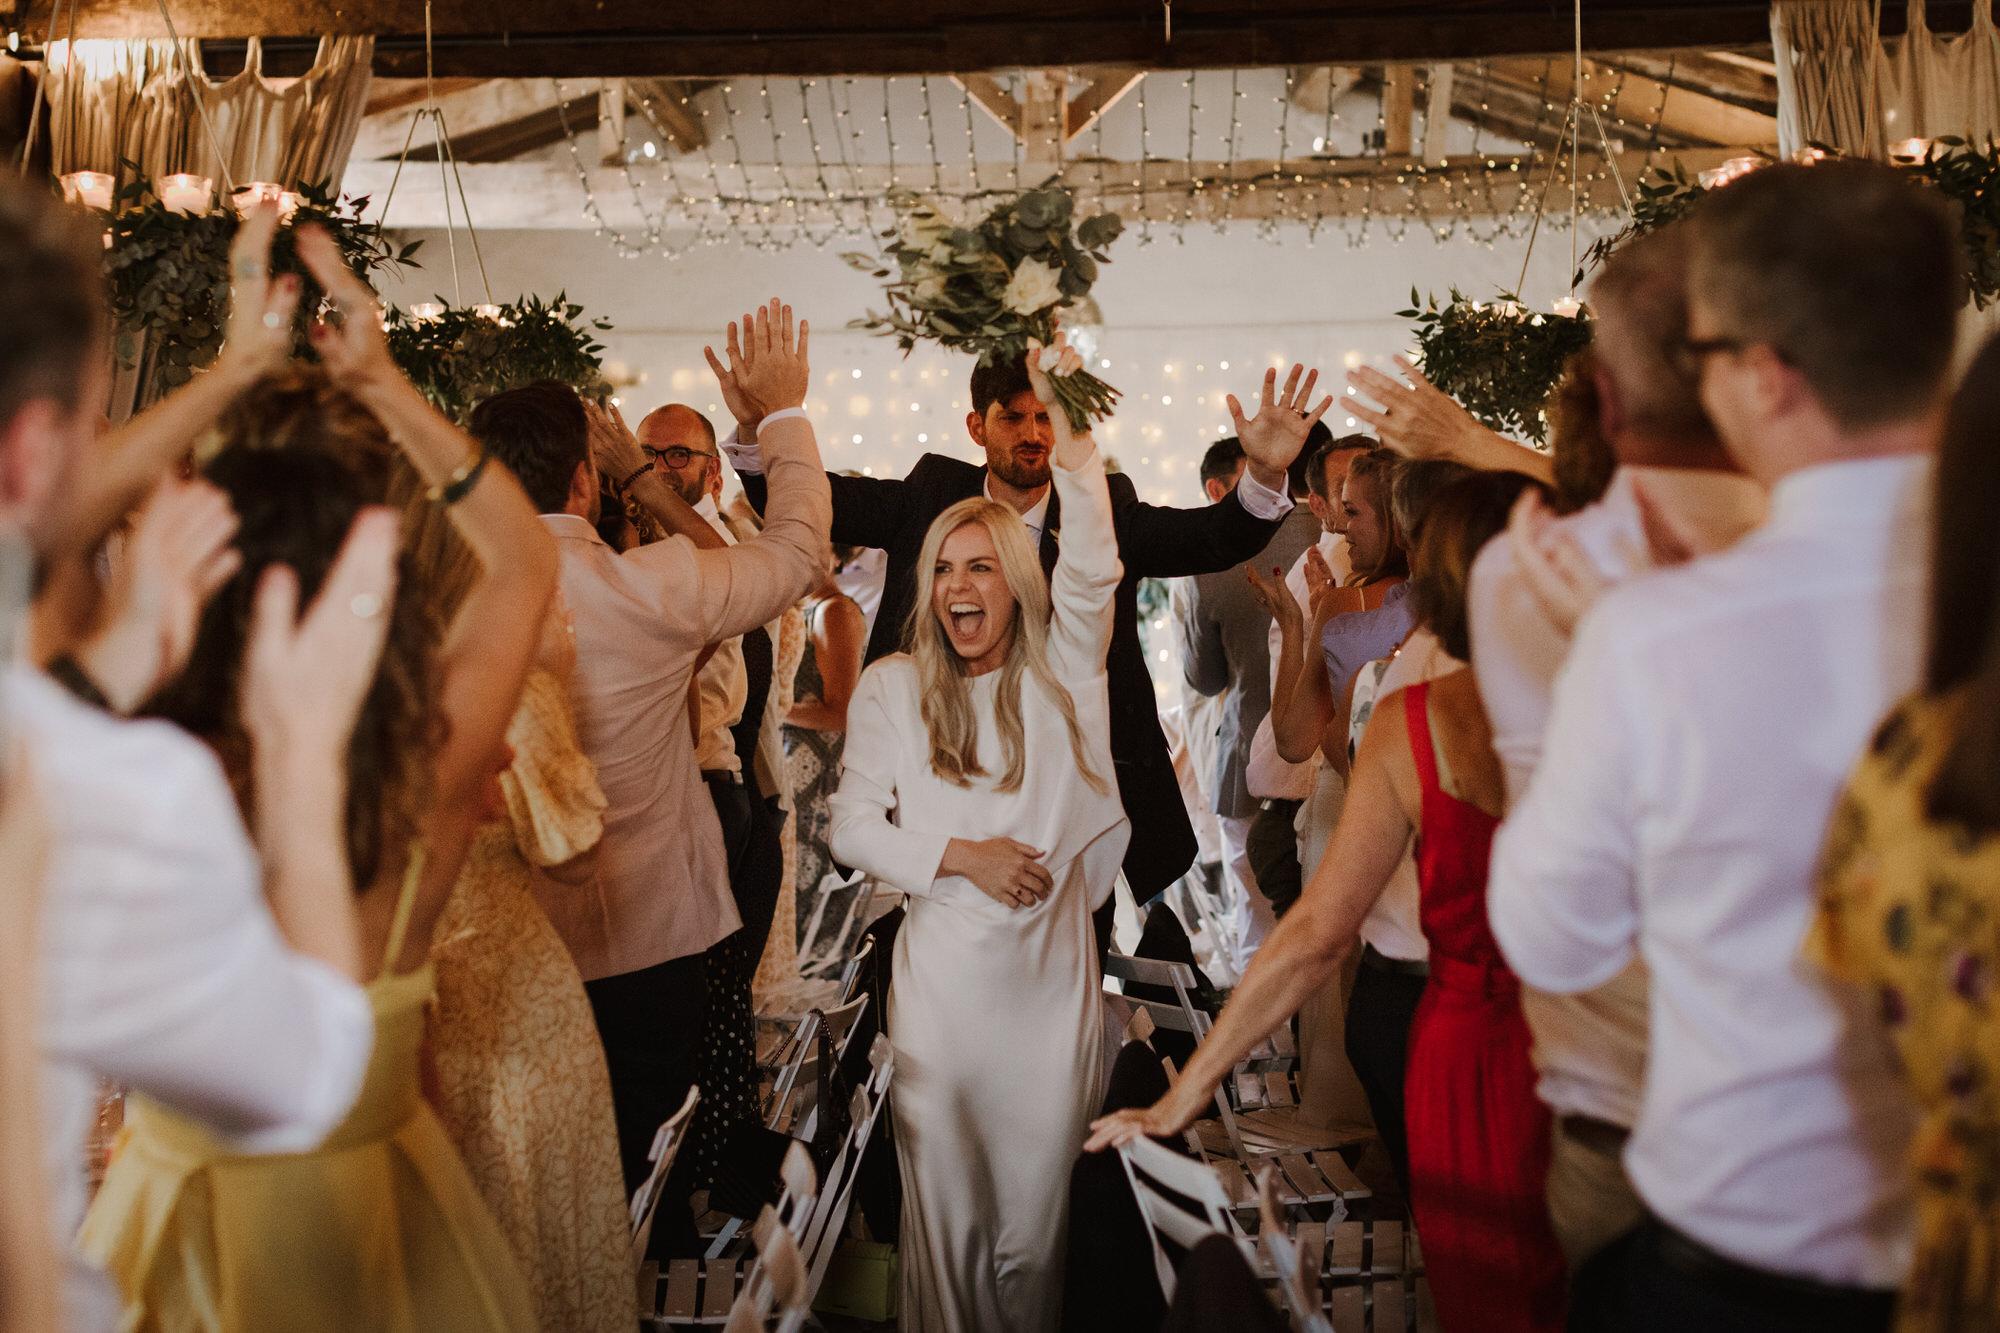 Chateau Rigaud Wedding Photography 17-40-40-1Q5A3011-R+L.jpg